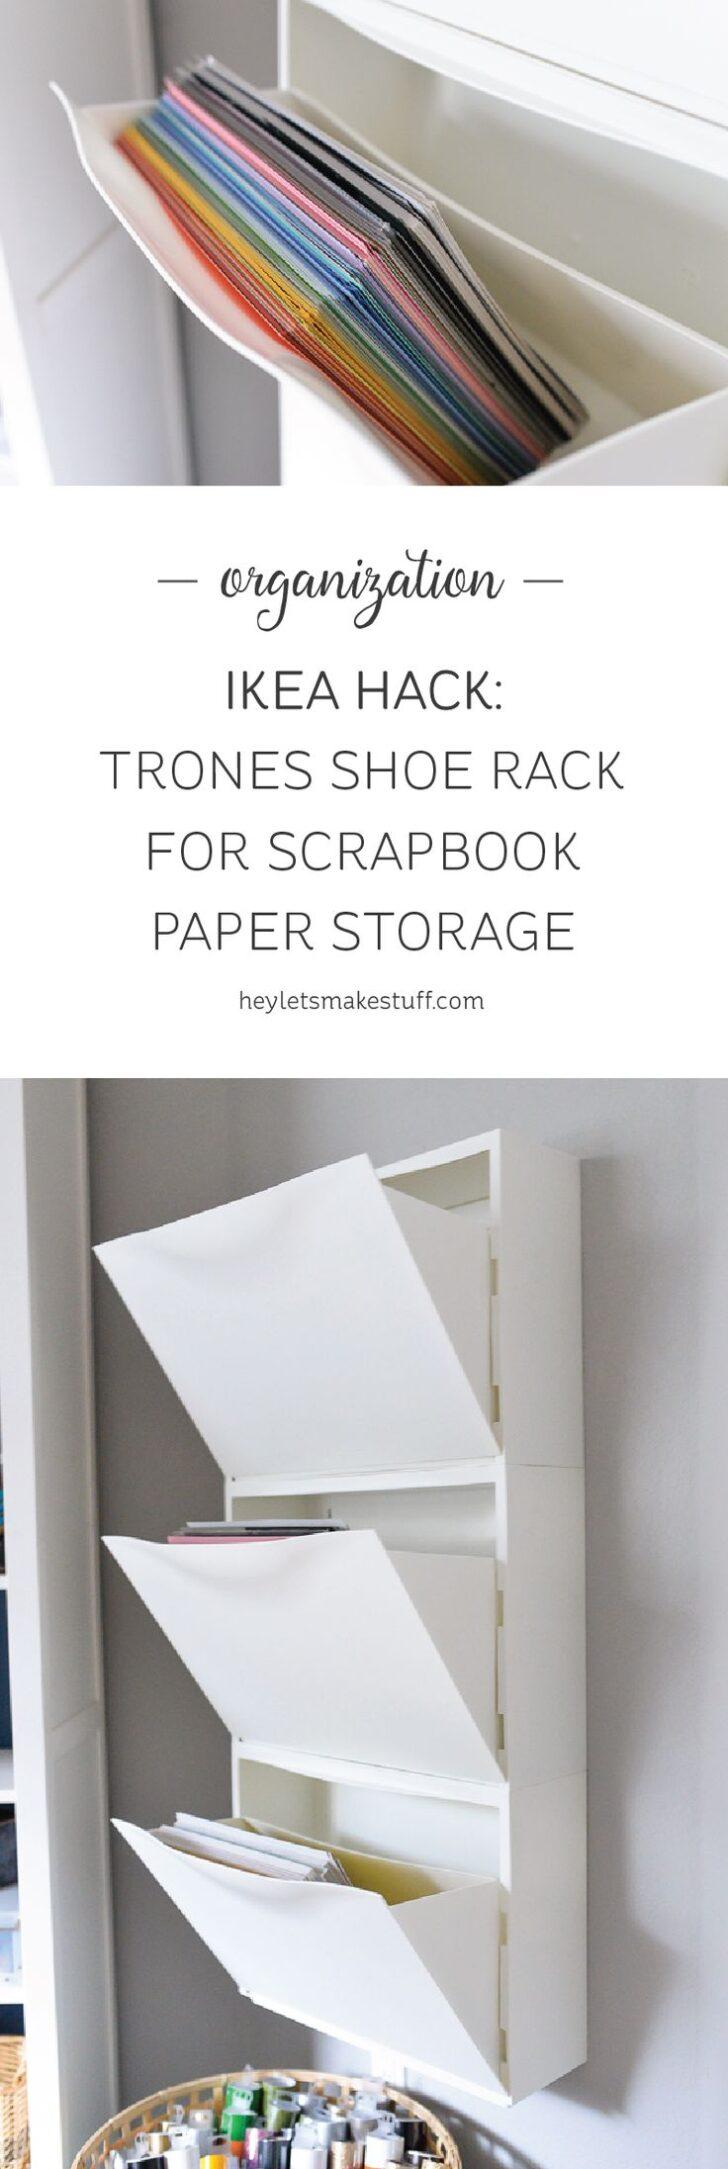 Medium Size of Ikea Hacks Aufbewahrung 25 Hack Trones Schuhhalter Zur Von Papier Bett Mit Aufbewahrungssystem Küche Kaufen Betten Bei Kosten Aufbewahrungsbox Garten 160x200 Wohnzimmer Ikea Hacks Aufbewahrung